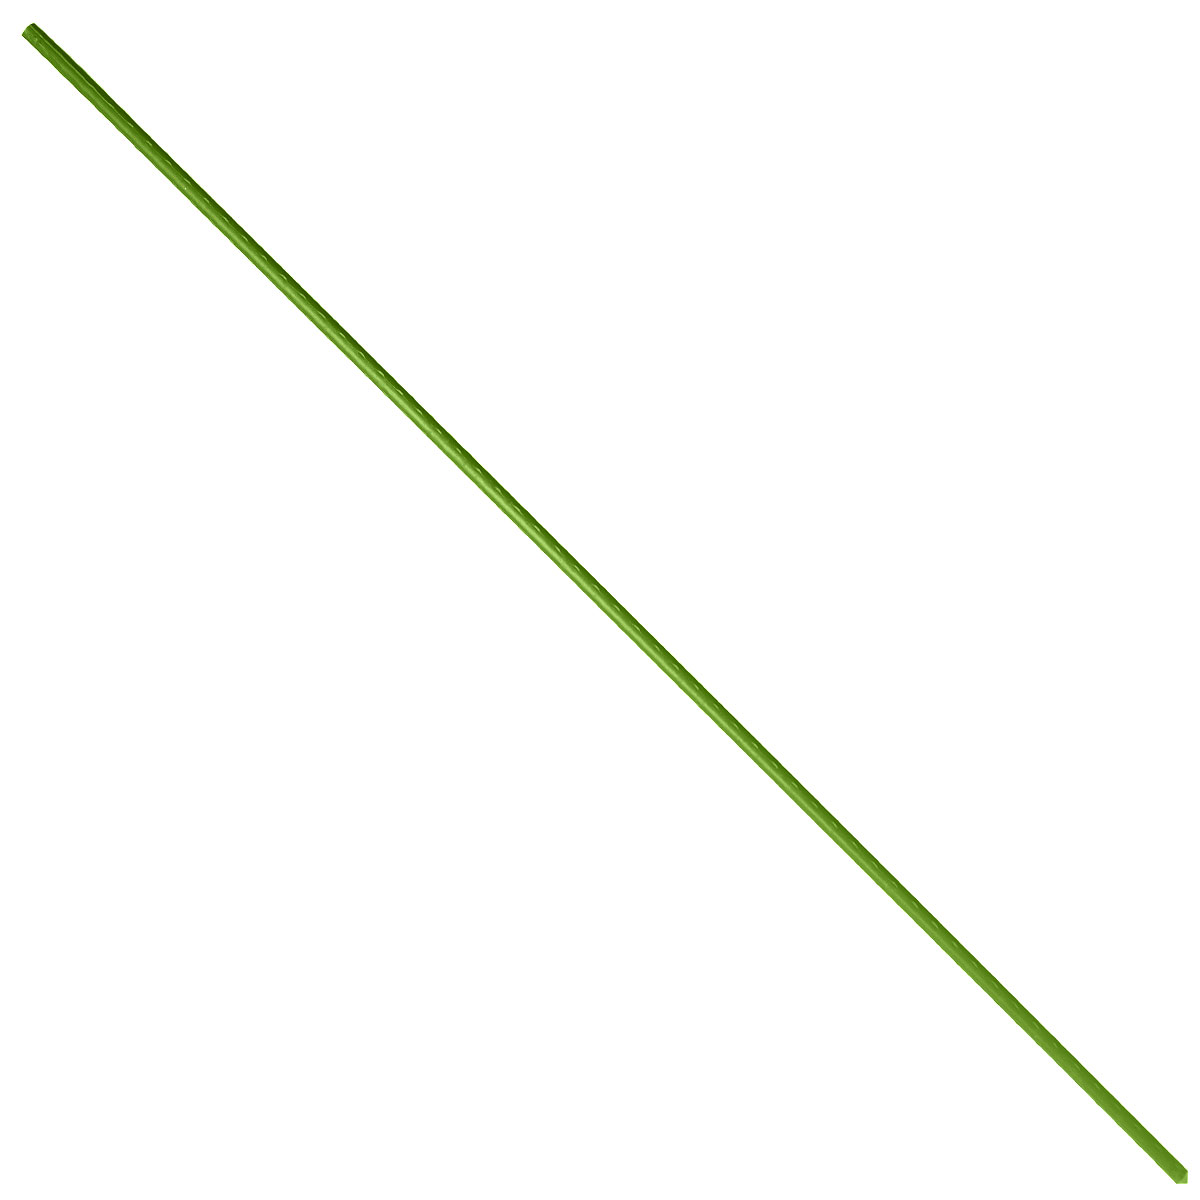 Опора для растений Green Apple, цвет: зеленый, диаметр 0,8 см, длина 90 см, 5 штGCSP-8-90Опора для растений Green Apple выполнена из высококачественного металла, покрытого цветным пластиком. В наборе 5 опор, выполненных в виде ствола растения с шипами.Такие опоры широко используются для поддержки декоративных садовых и комнатных растений. Также могут применятся для поддержки вьющихся растений в парниках.Длина опоры: 90 см.Диаметр опоры: 0,8 см.Комплектация: 5 шт.